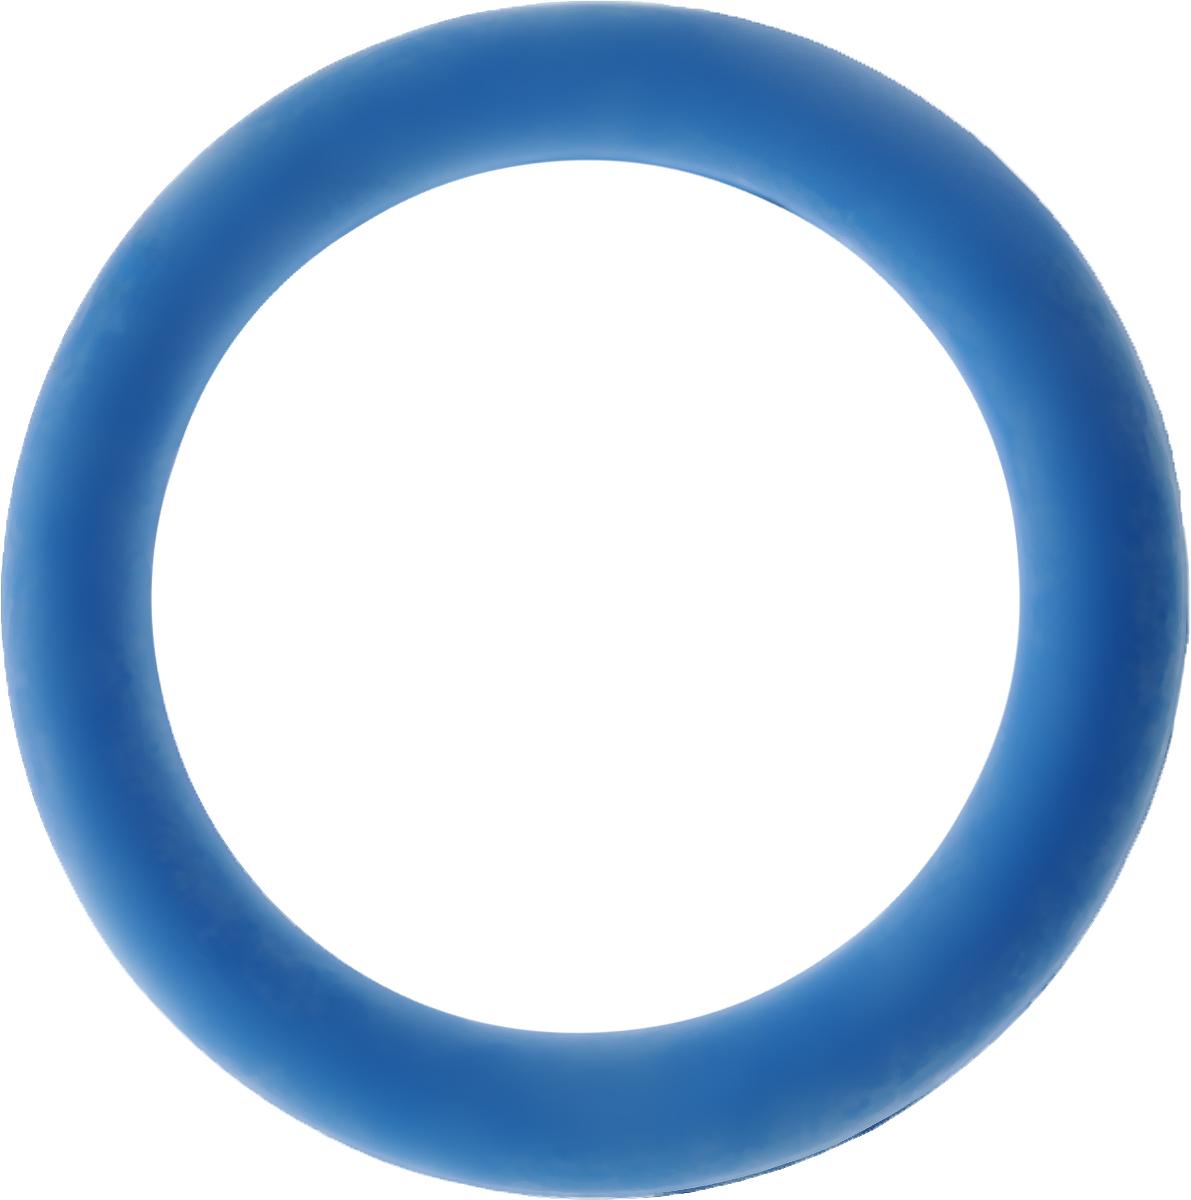 Игрушка для собак Каскад Кольцо, цвет: голубой, диаметр 15,5 см27799286_голубойИгрушка для собак Каскад Кольцо изготовлена из мягкой и прочной безопасной резины, устойчивой к разгрызанию. Изделие отличается прочностью и в то же время гибкостью и эластичностью. Такая игрушка прекрасно подойдет для игр вашей собаки.